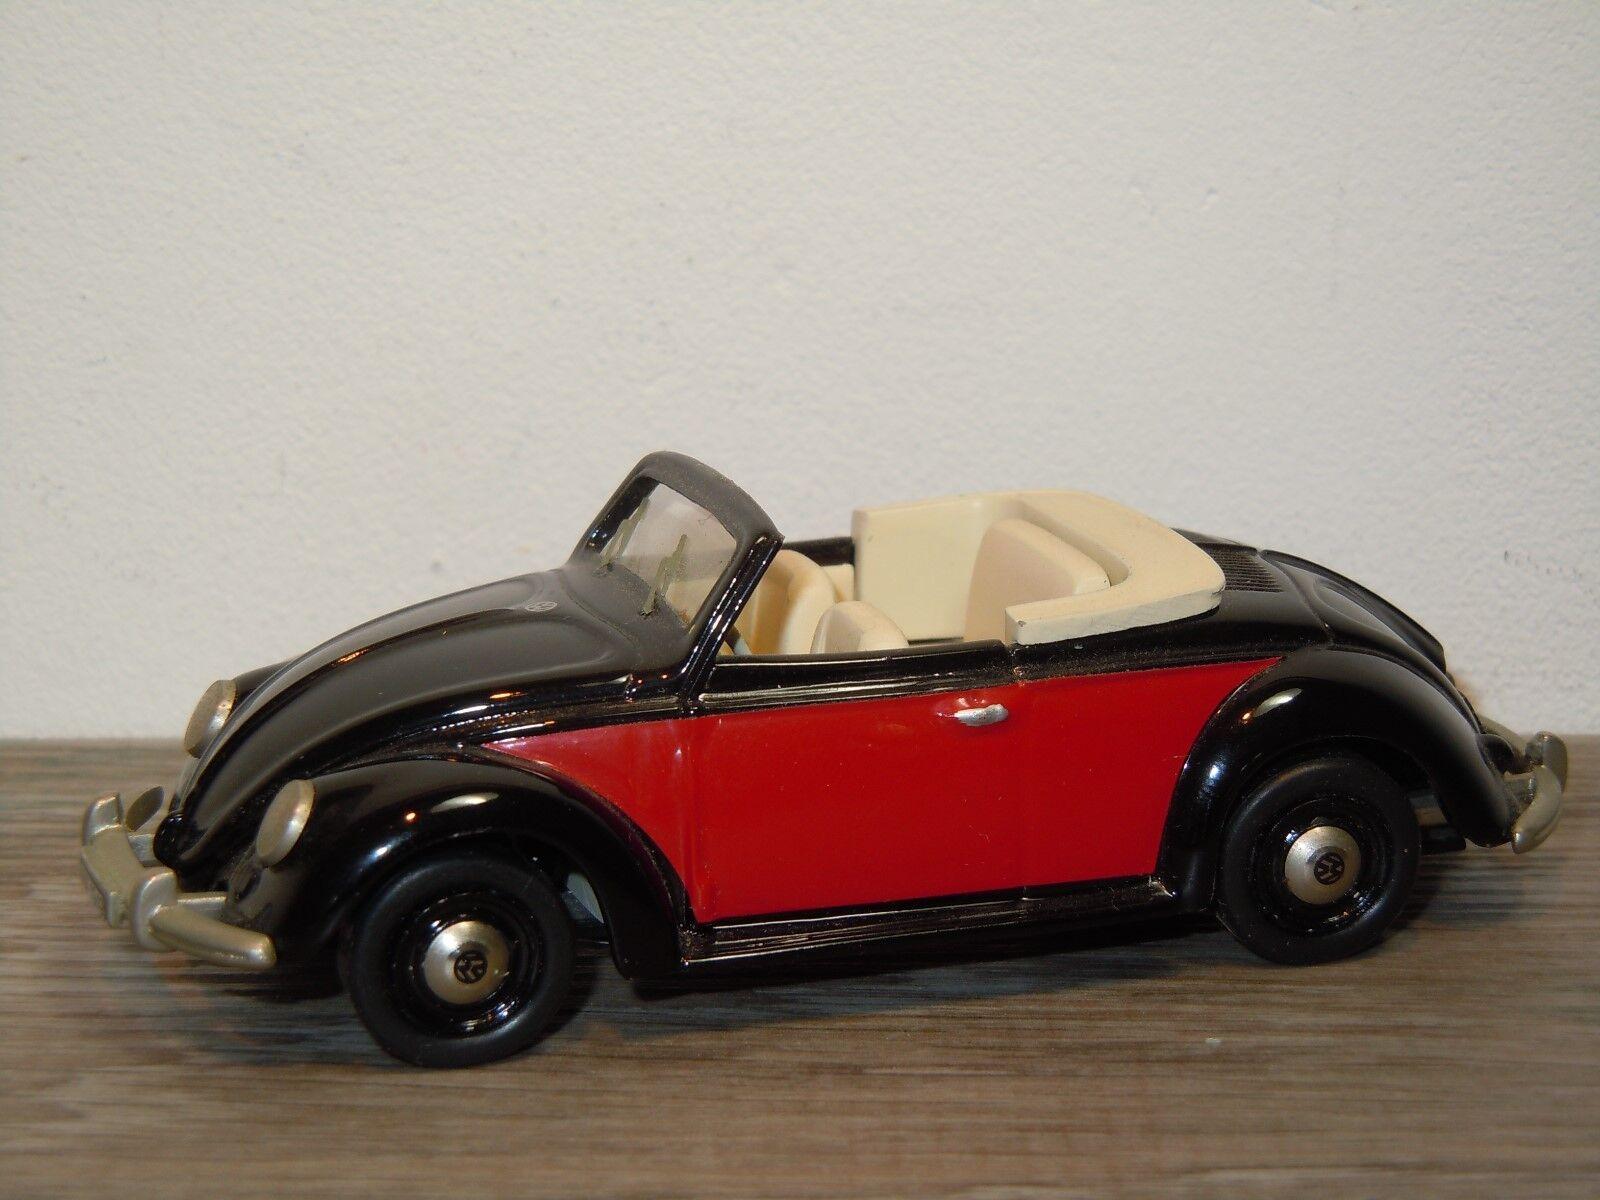 VW Volkswagen Beete Hebmuller 1949 - AMR Century France 1  43 35084  acheter une marque